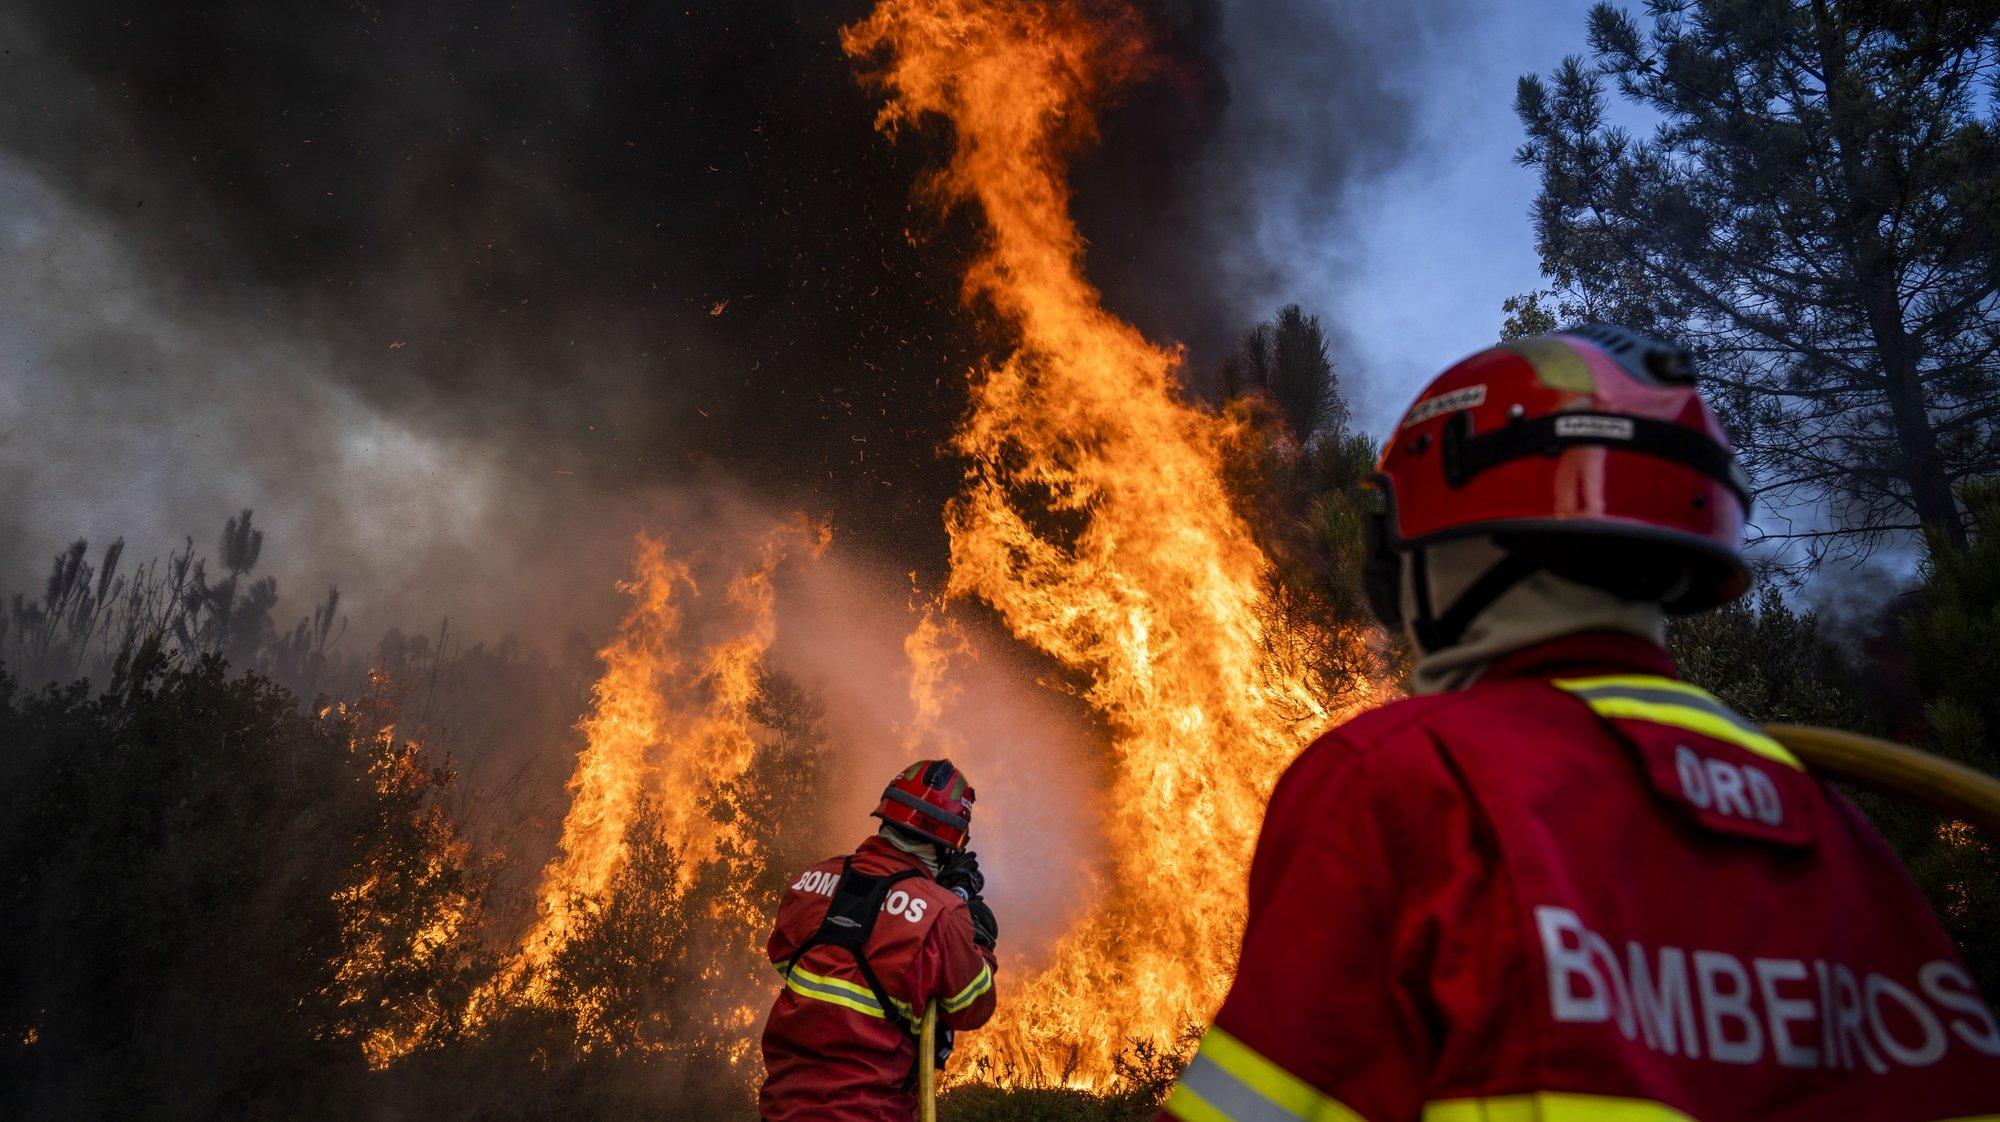 Dois bombeiros combatem as chamas no incêndio que deflagrou na madrugada de domingo no Parque Natural das Serras de Aire e Candeeiros (PNSAC), em Porto de Mós, 07 de setembro de 2020. RUI MIGUEL PEDROSA/LUSA